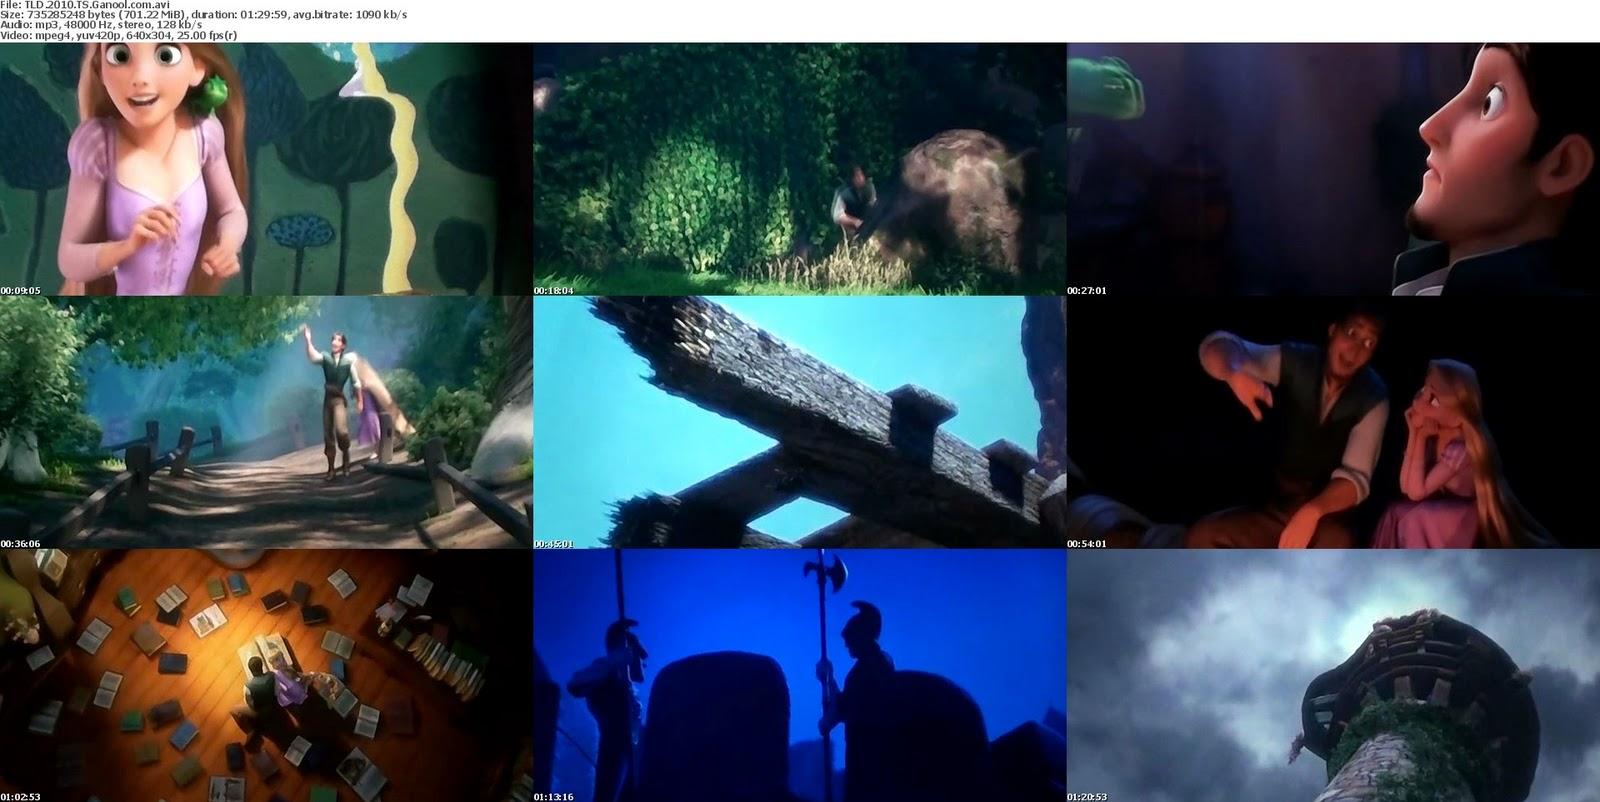 http://2.bp.blogspot.com/_RvtUEY2b-mI/TQILFiasFmI/AAAAAAAACXA/Hgx2puBpshc/s1600/Tangled+Screen.jpg